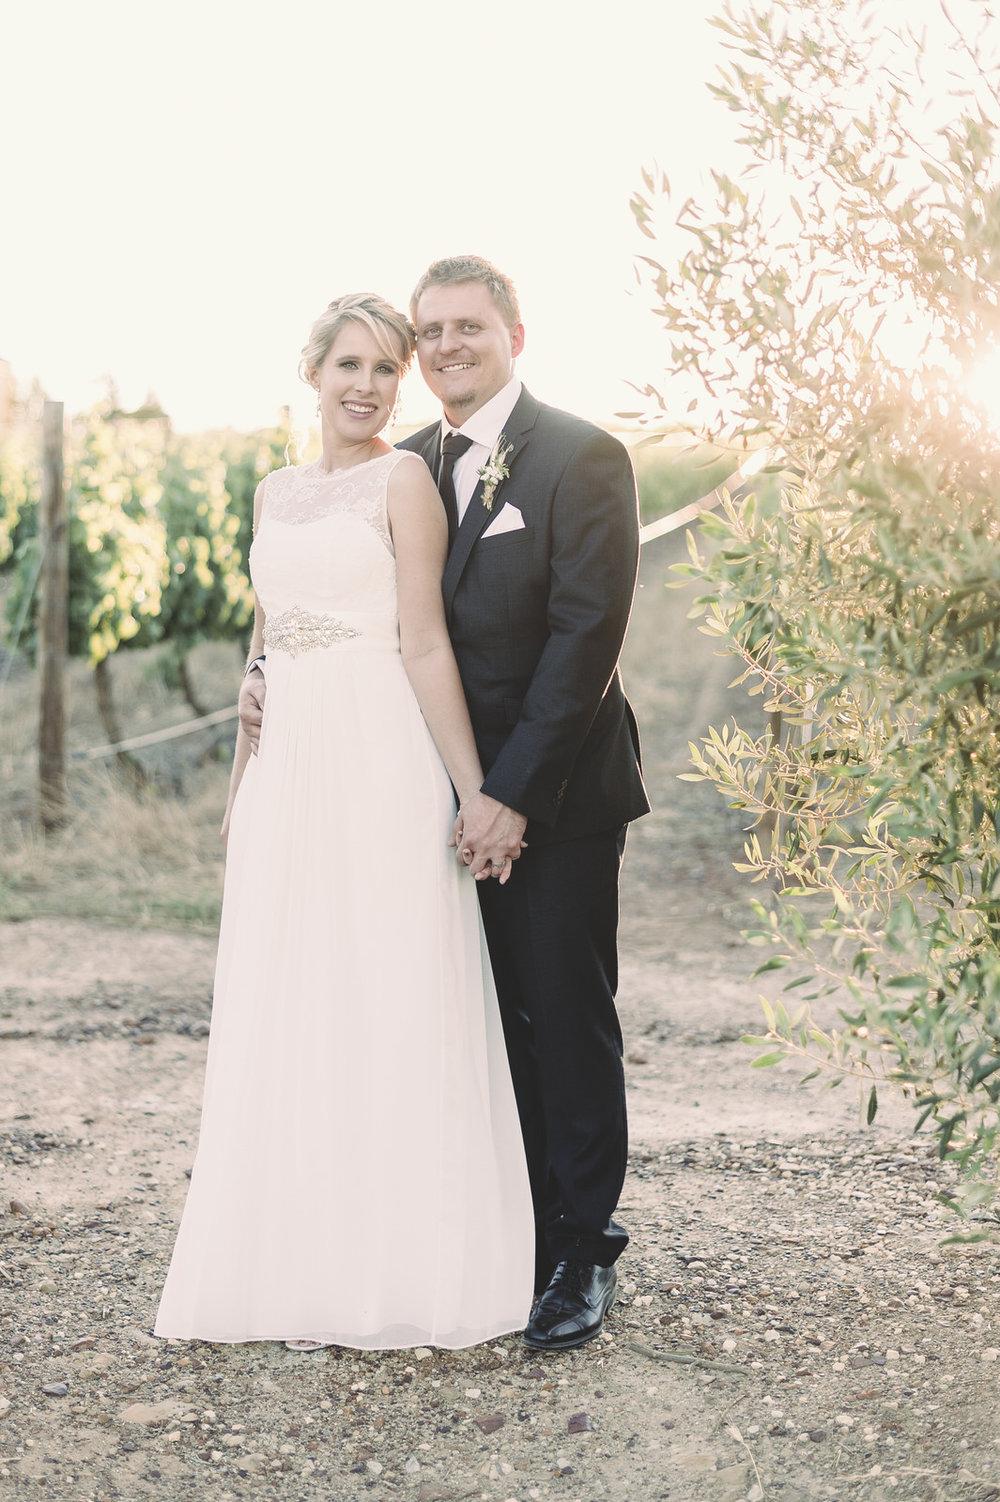 RyanParker_Wedding_CapeTown_Hermanus_E+P_DSC_7074.jpg